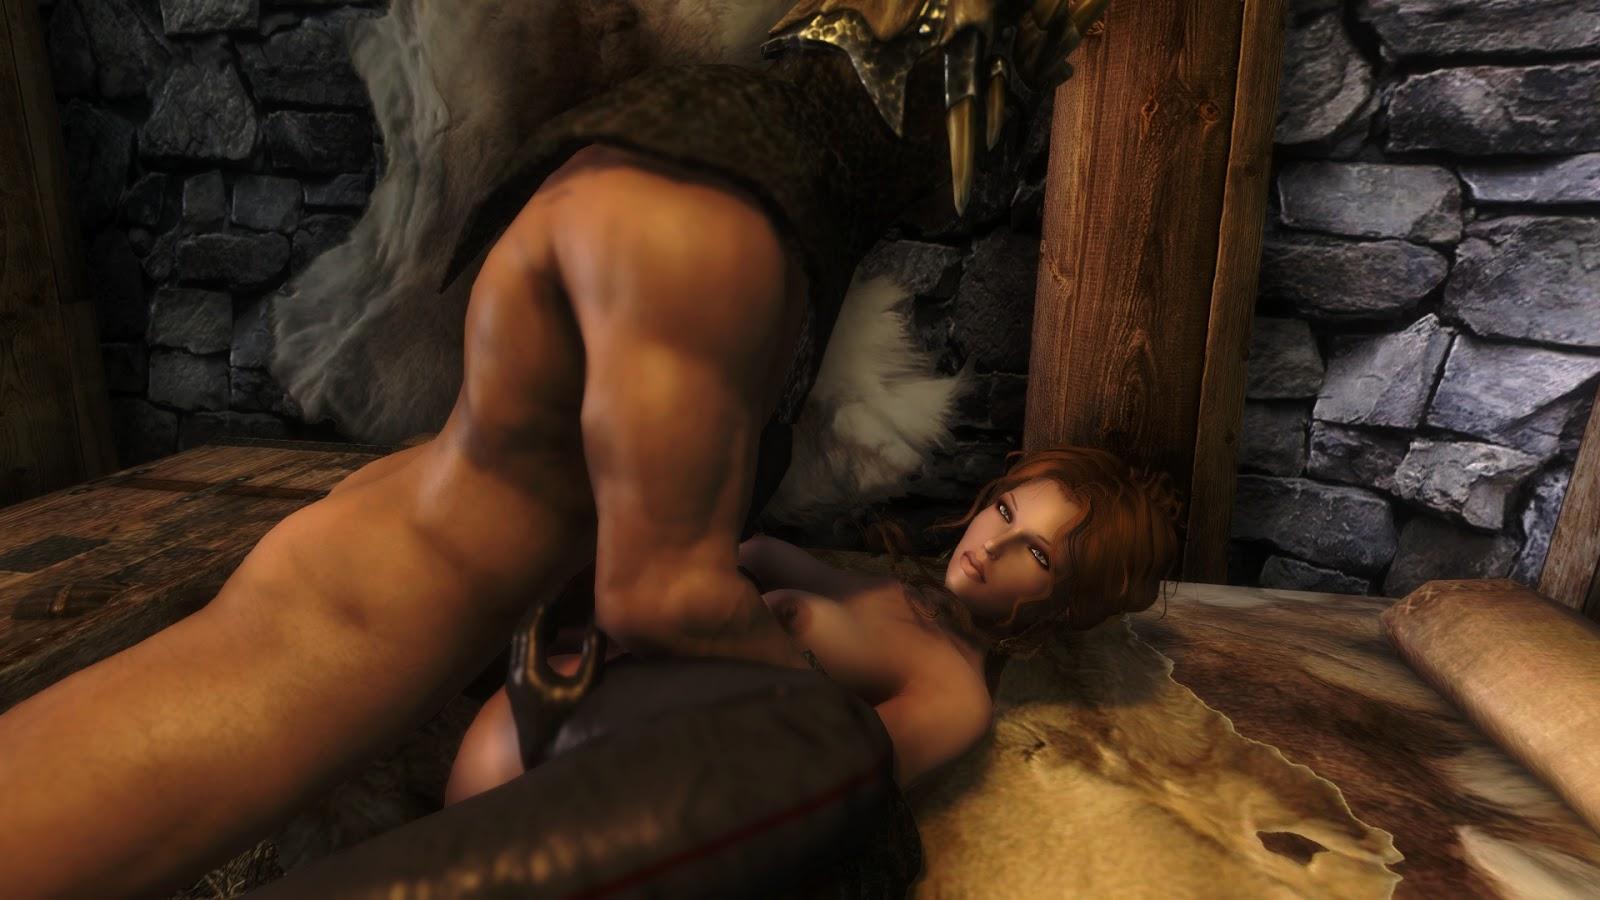 Смотреть порно фото из игры скайрим